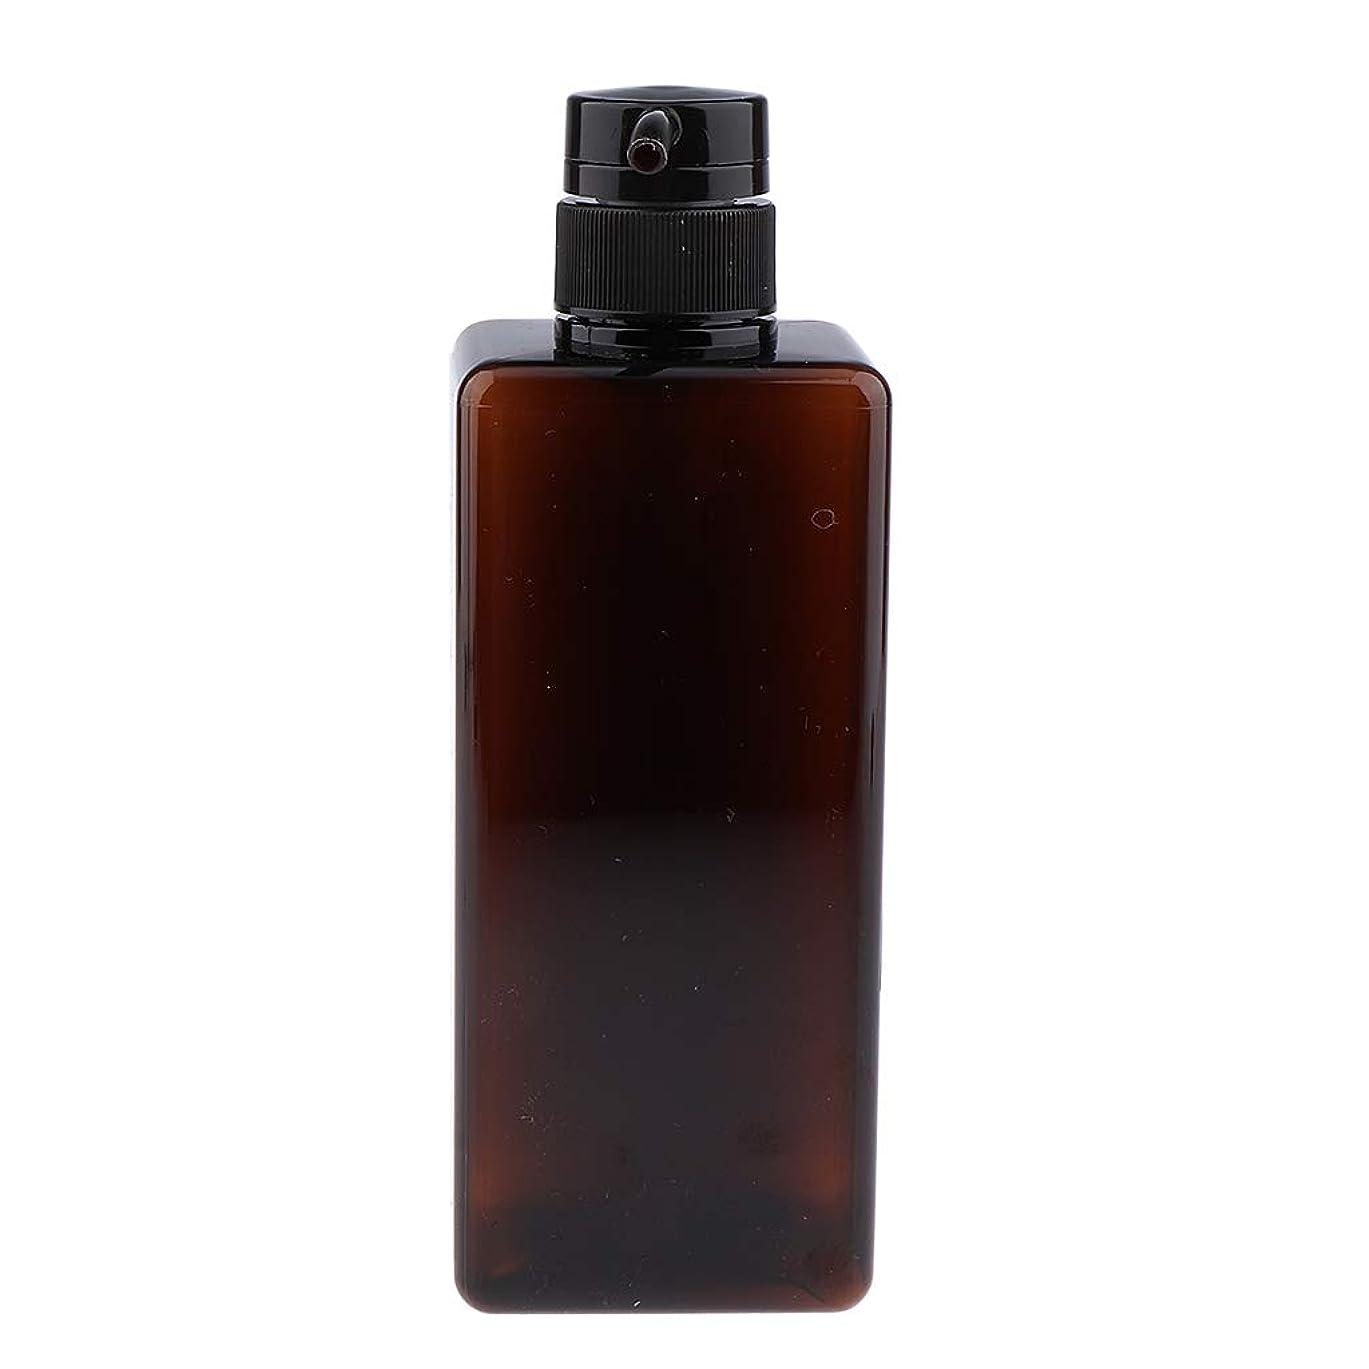 コントロール農奴オセアニアB Blesiya シャンプーコンテナ プラスチック ポンプボトル 650ml 漏れ防止 4色選べ - 濃い緑色